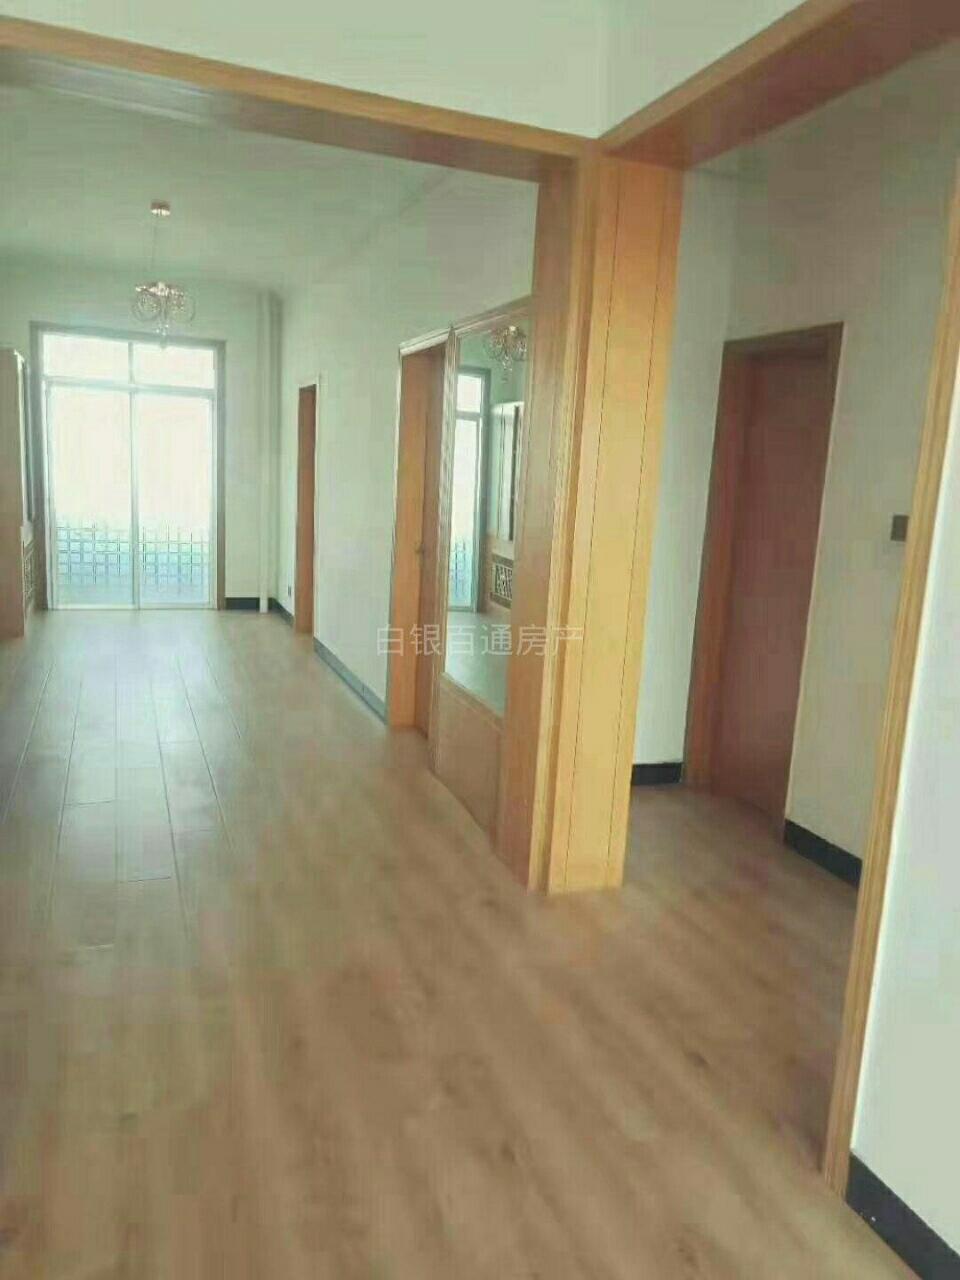 花苑小区3室 2厅 1卫40万元